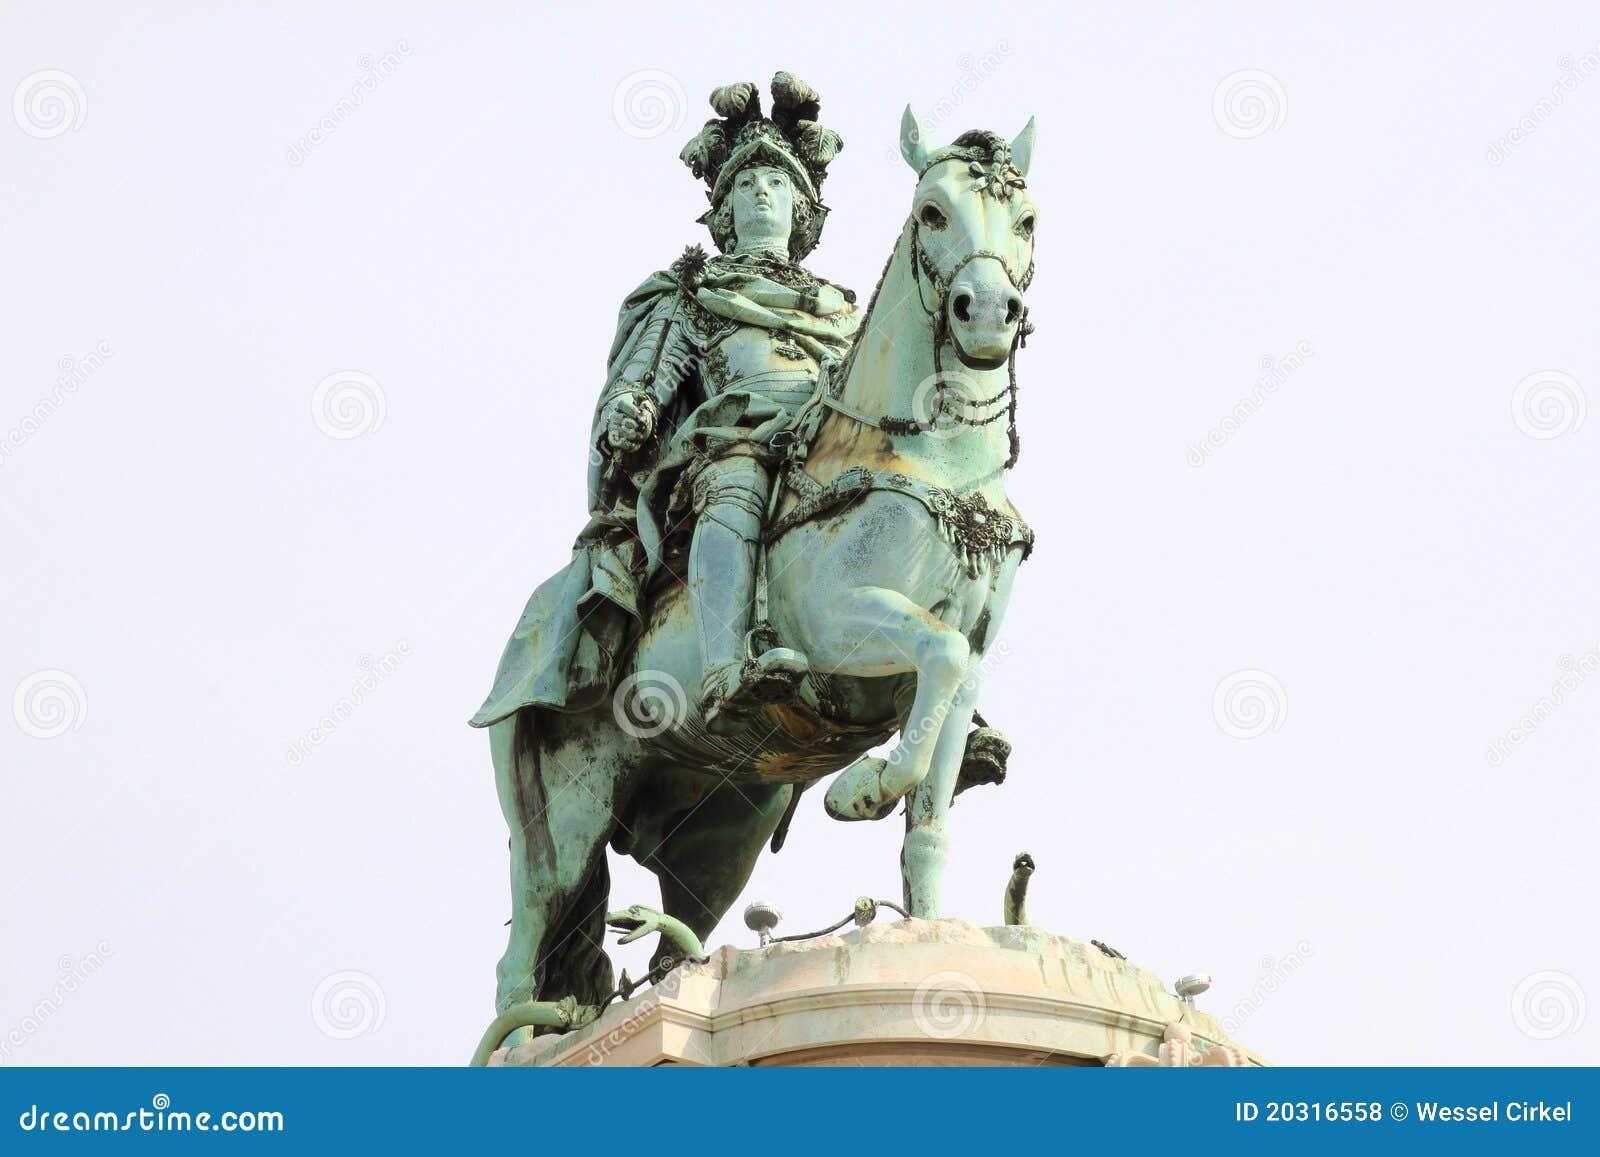 Standbeeld van Koning José I bij het Vierkant van het Paleis in Lissabon